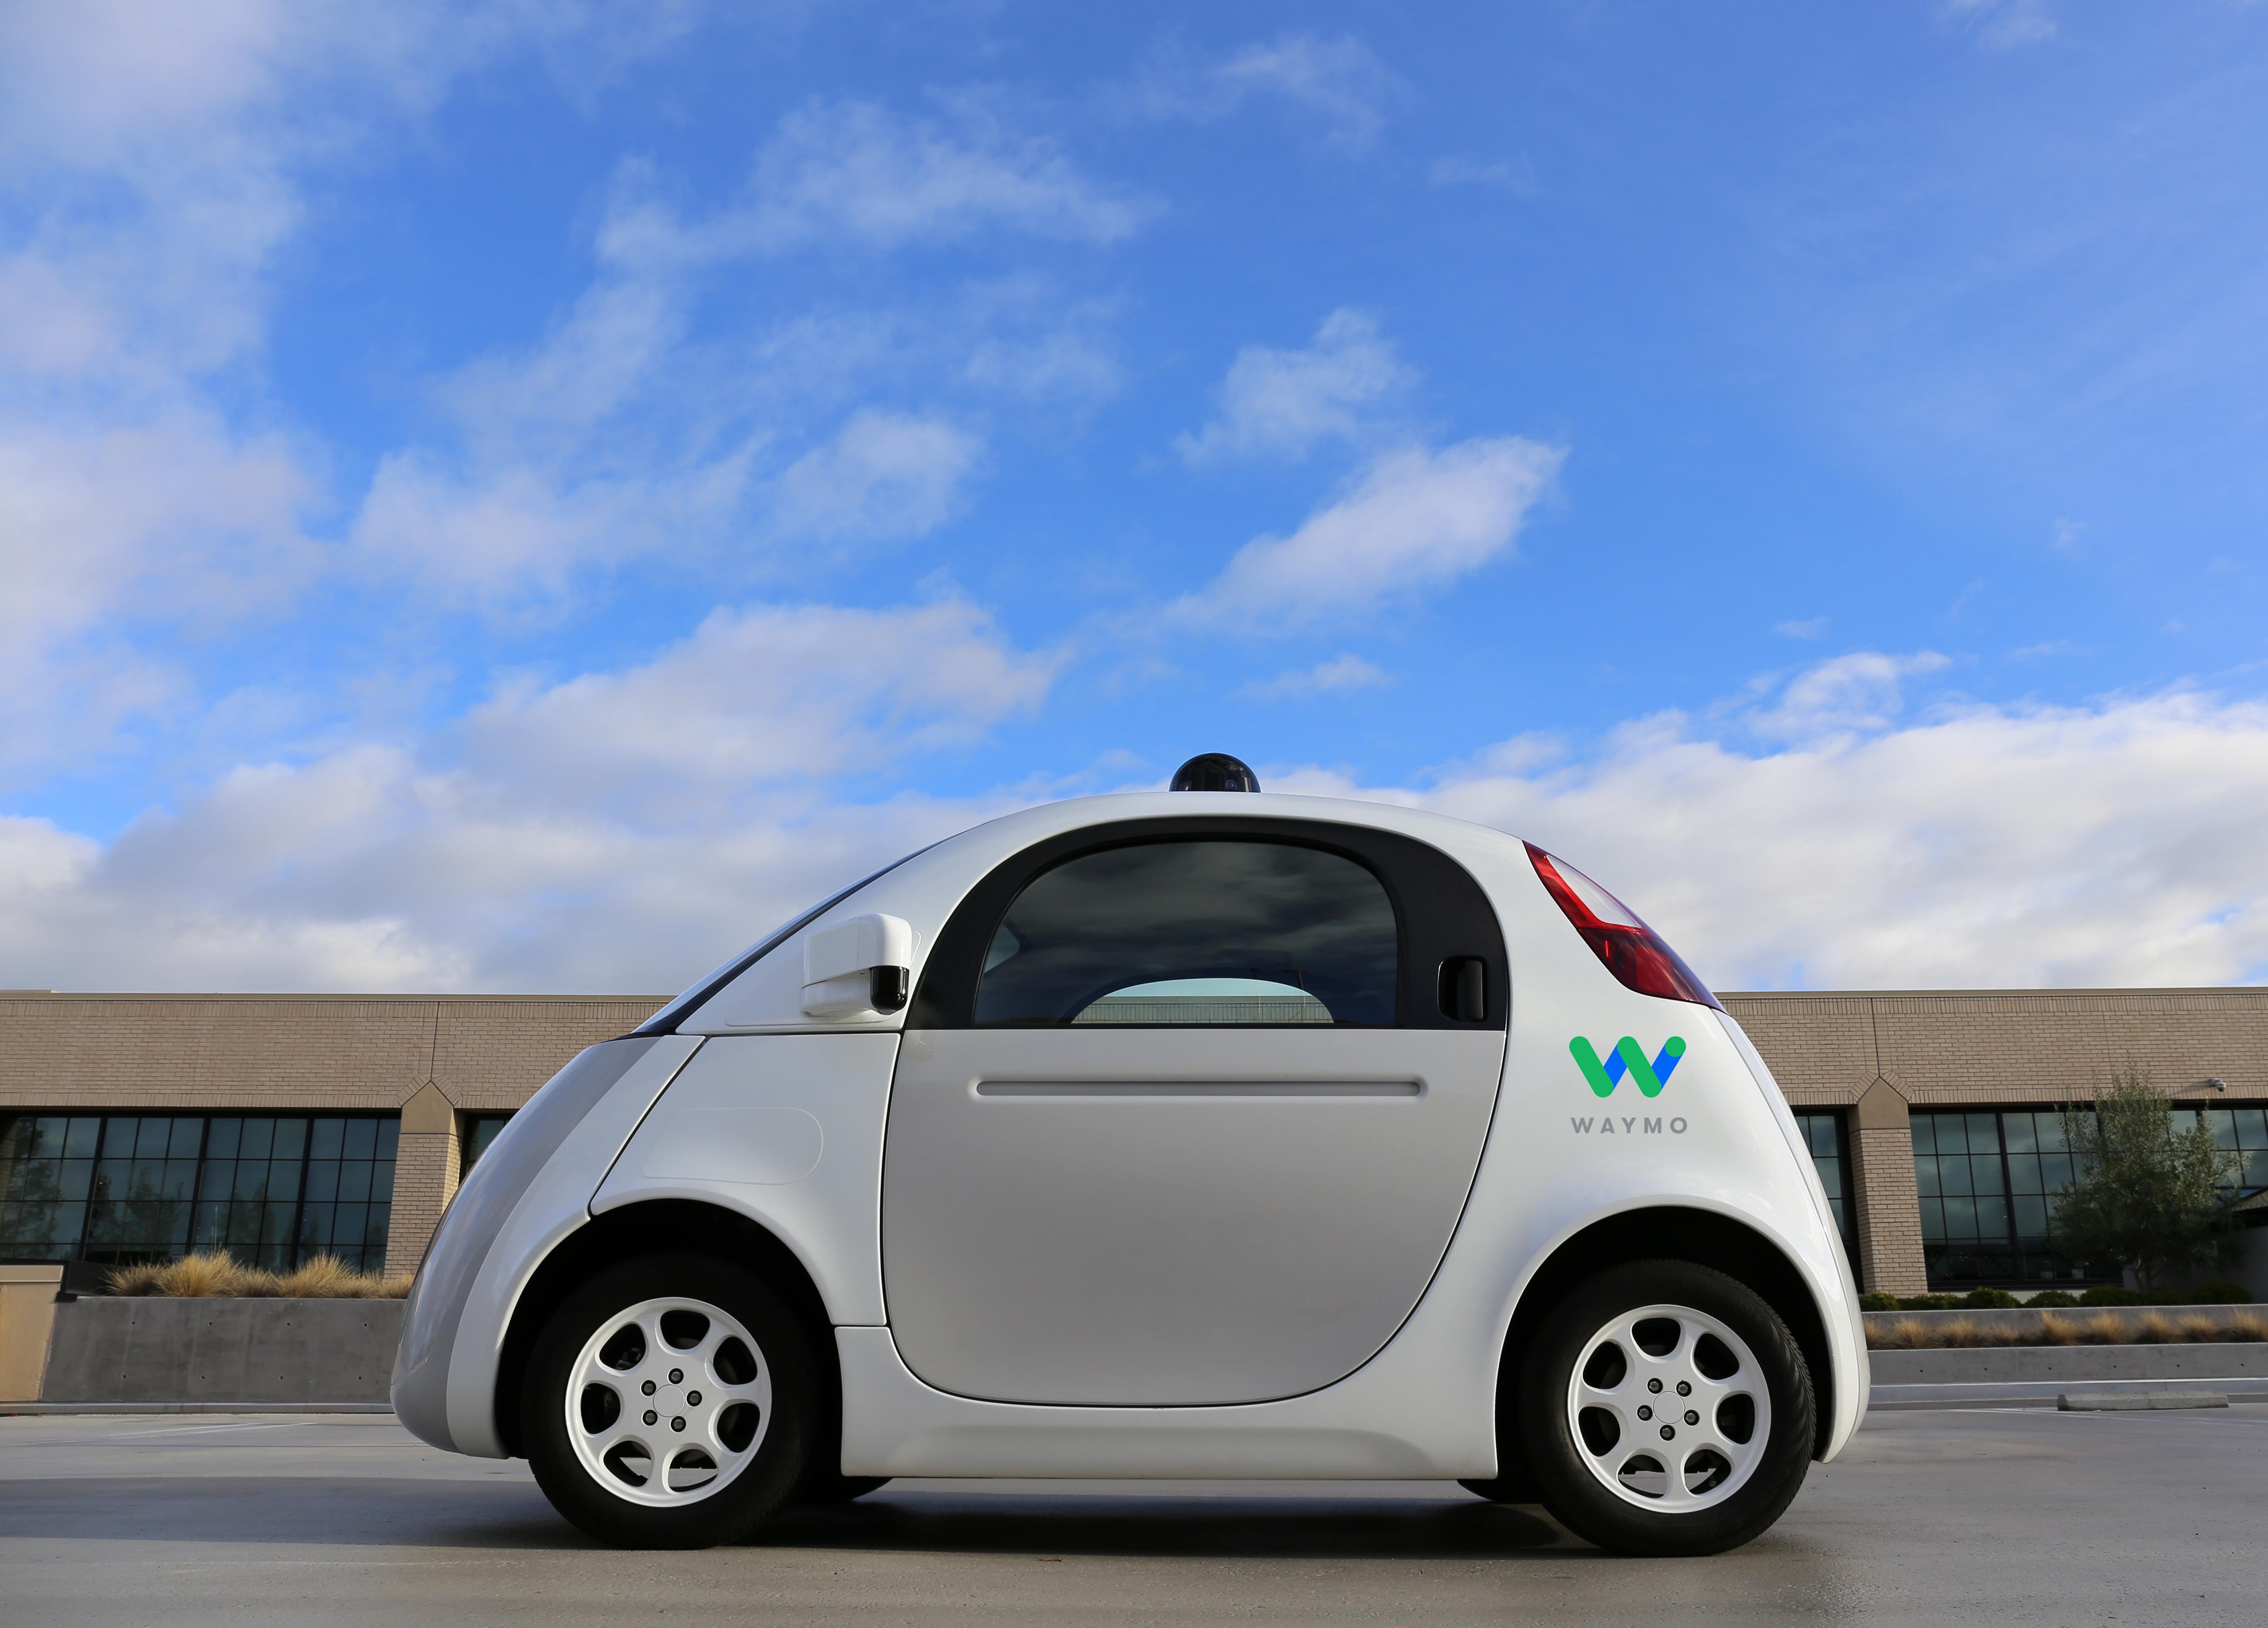 ウェイモの自動運転試作車Firefly=同社提供